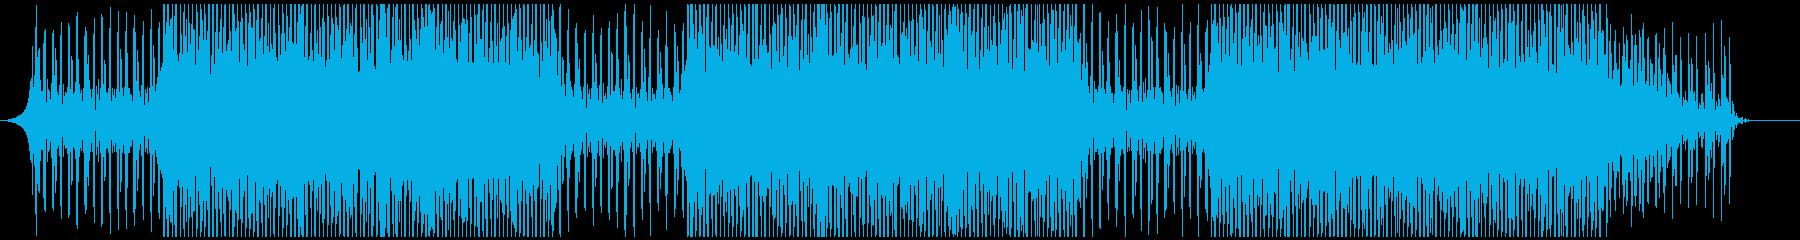 企業VP・報道番組風BGMの再生済みの波形